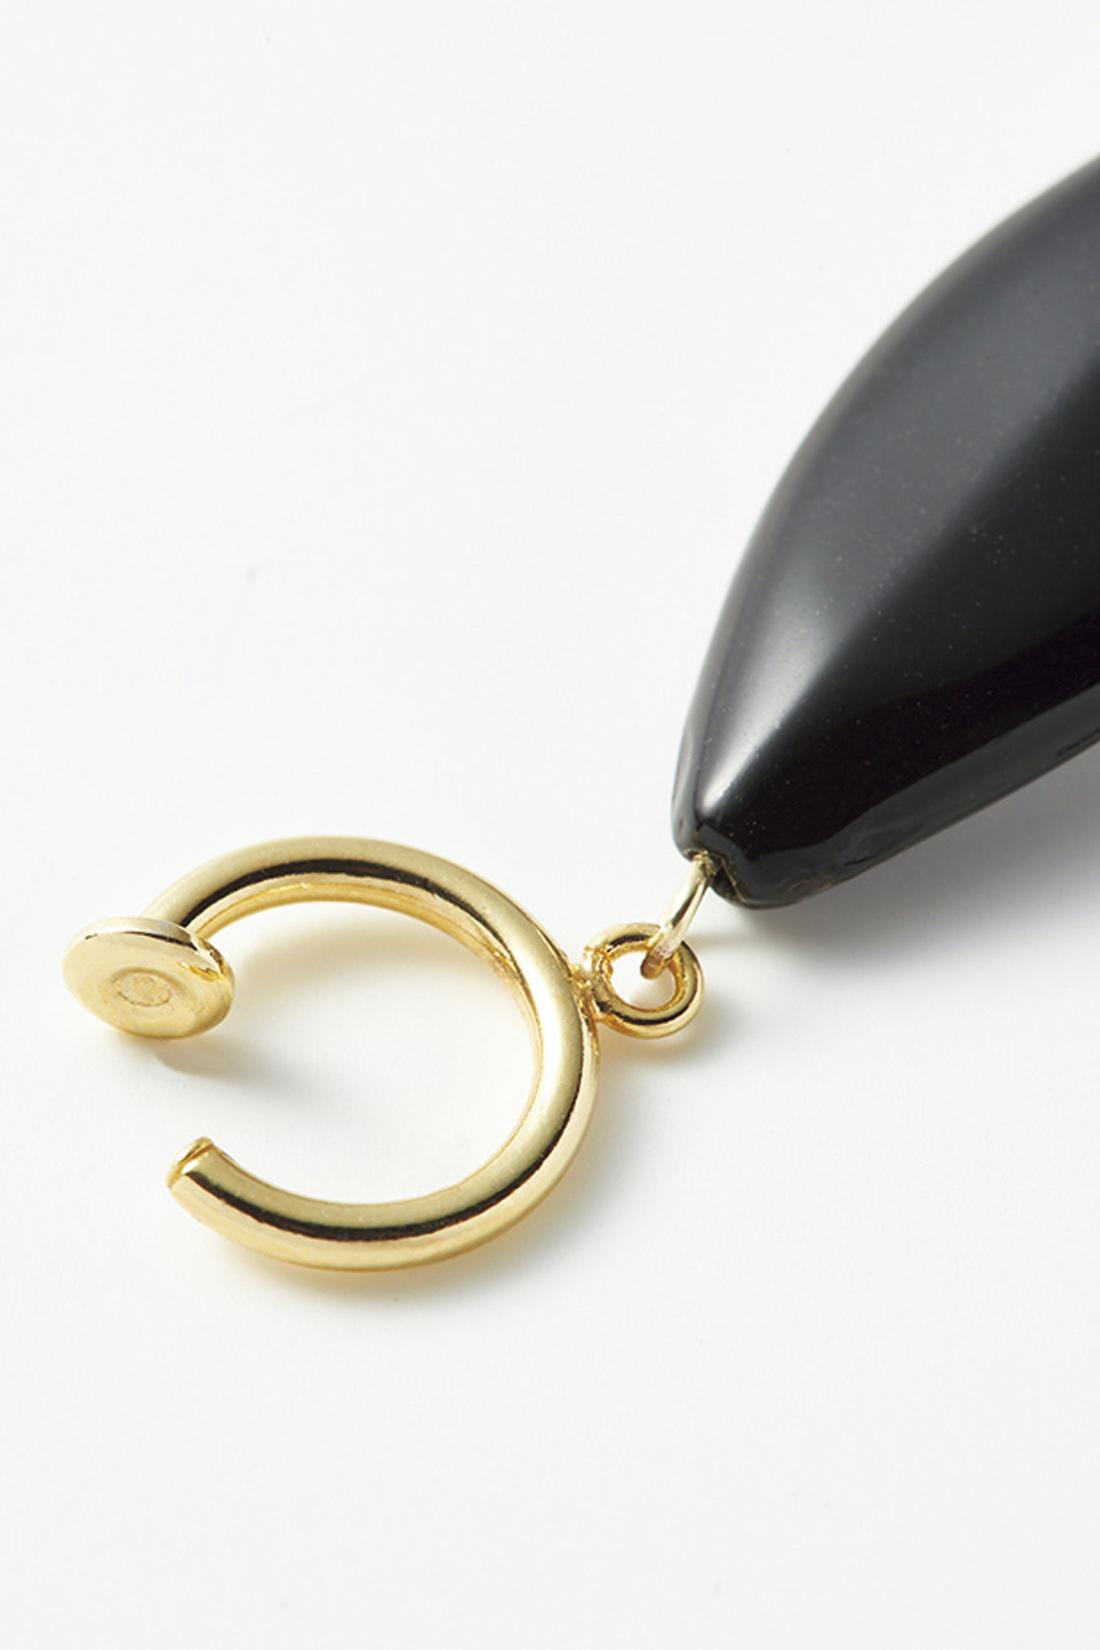 ピアスのように見える、軽くて繊細なイヤリングパーツを採用。